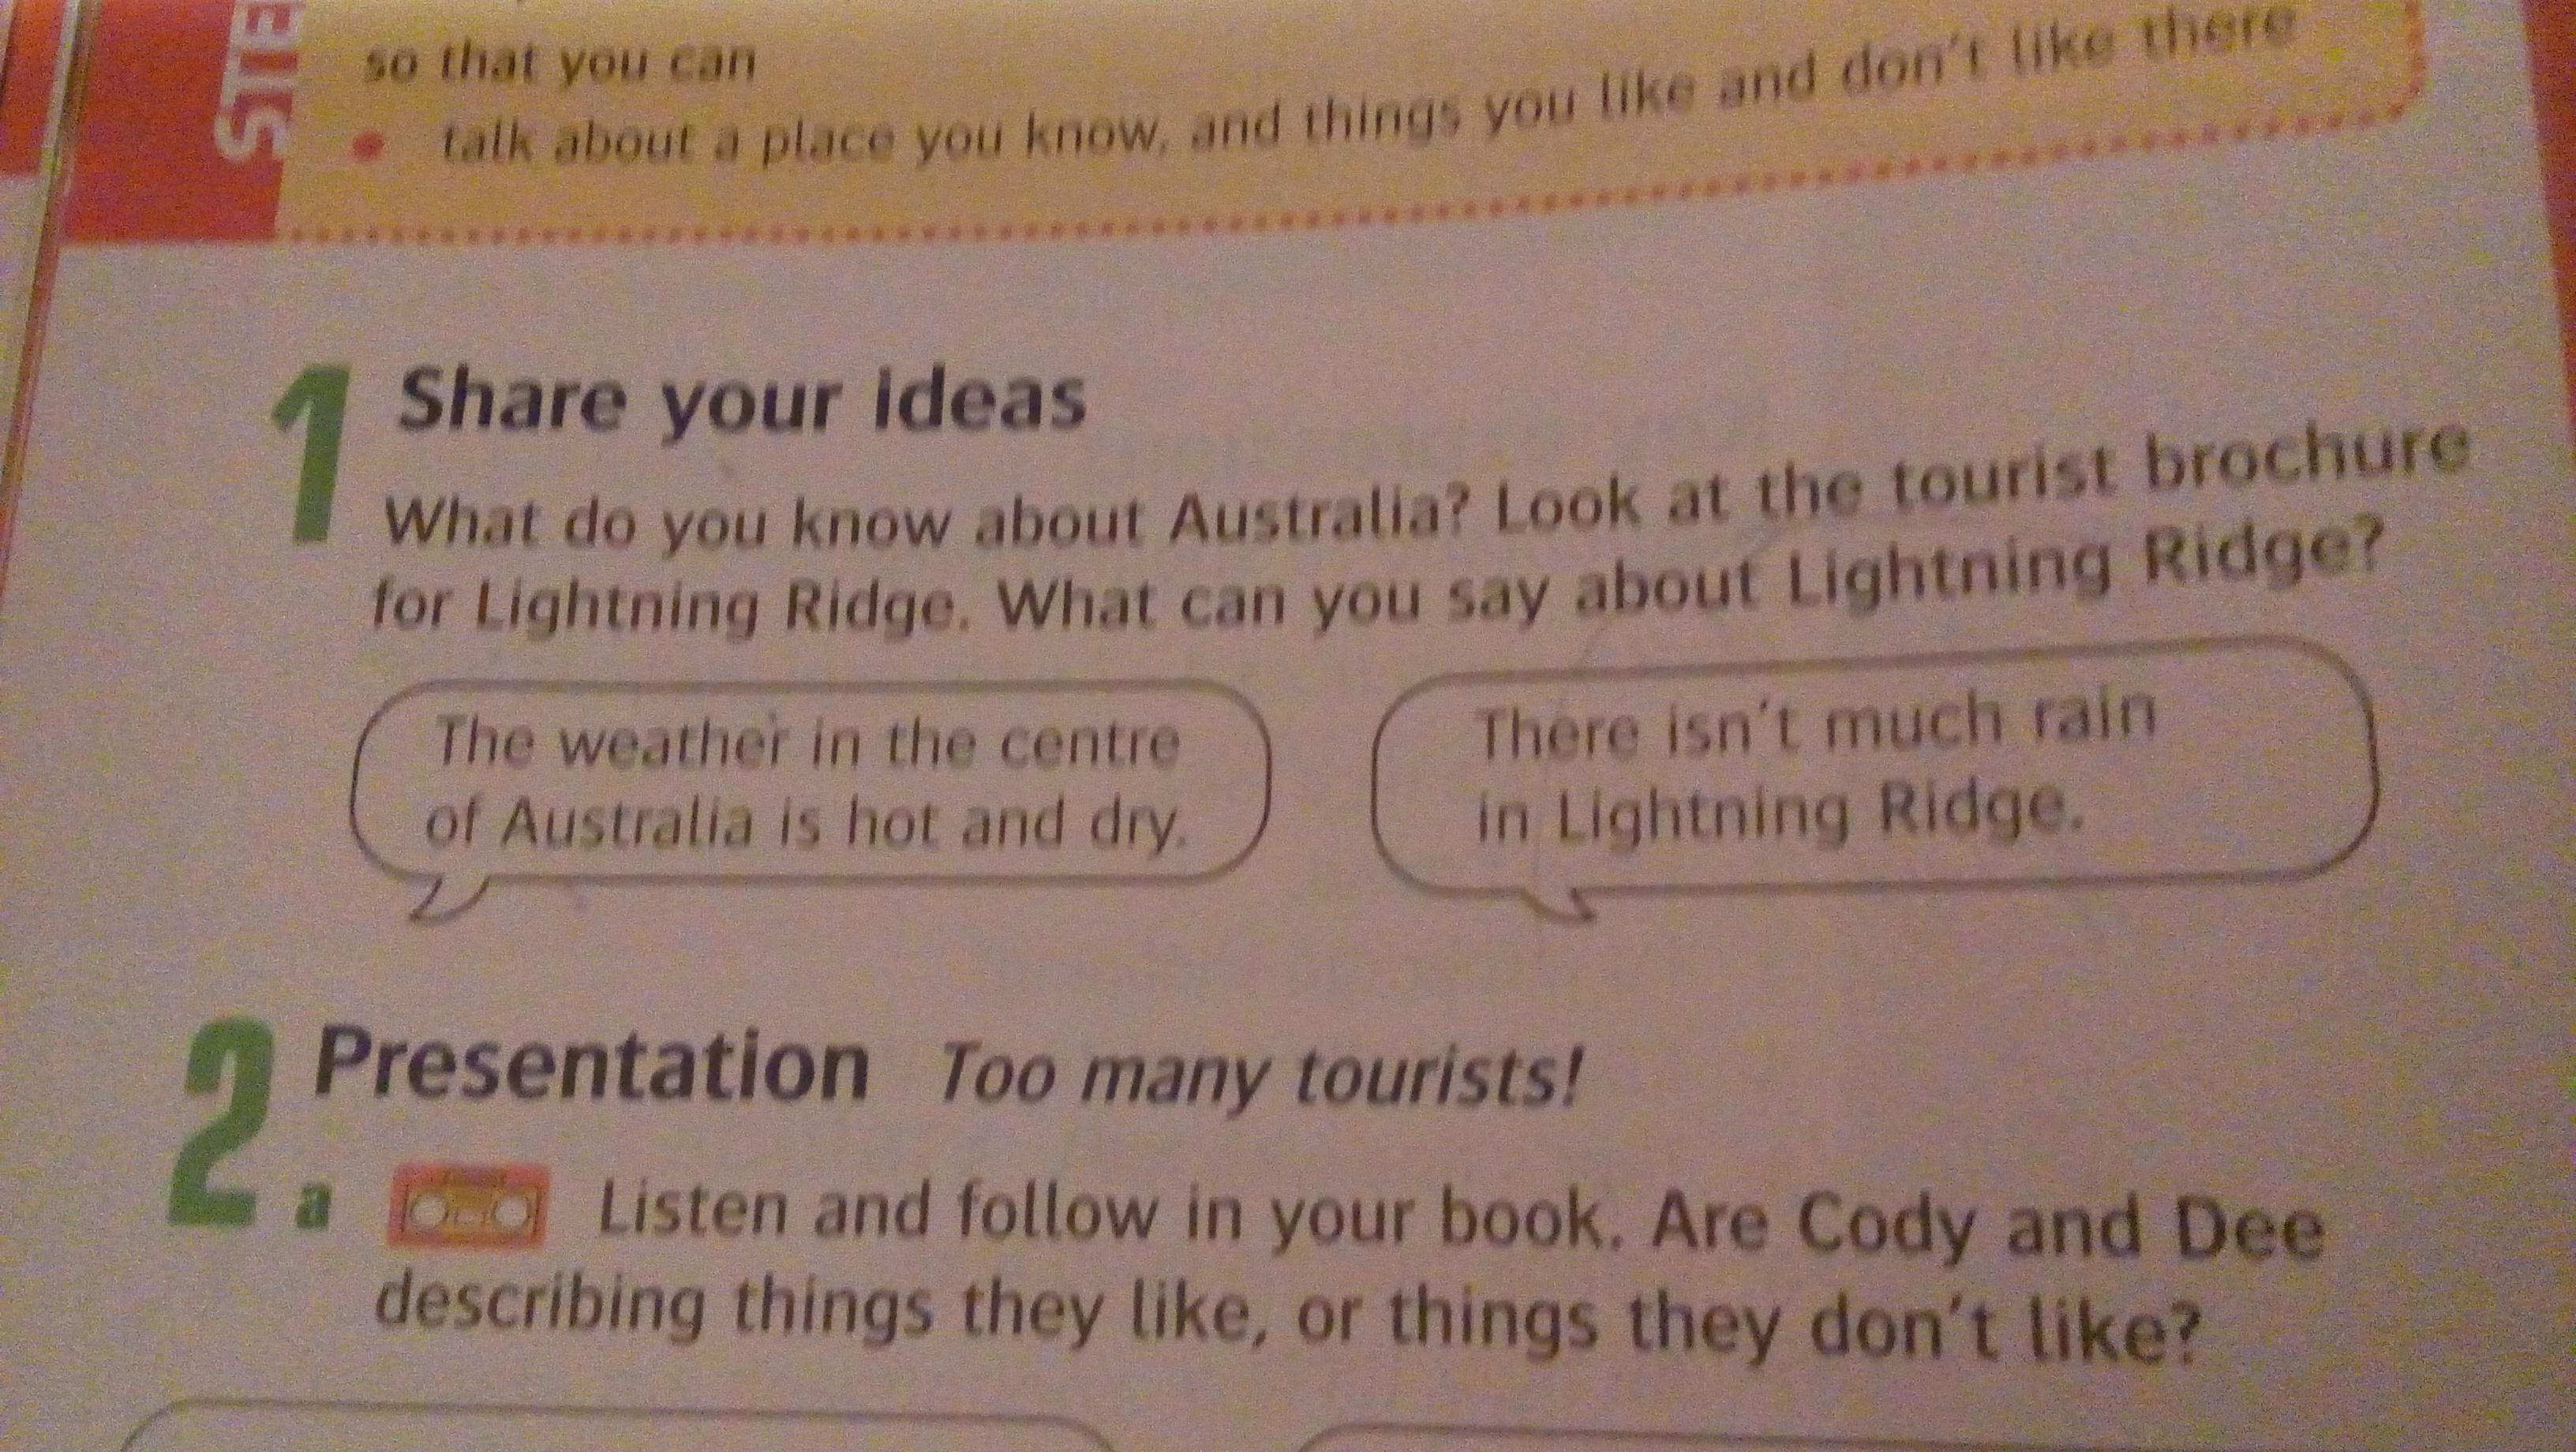 Поделись своим мнением насчет Австралии (1 задание)